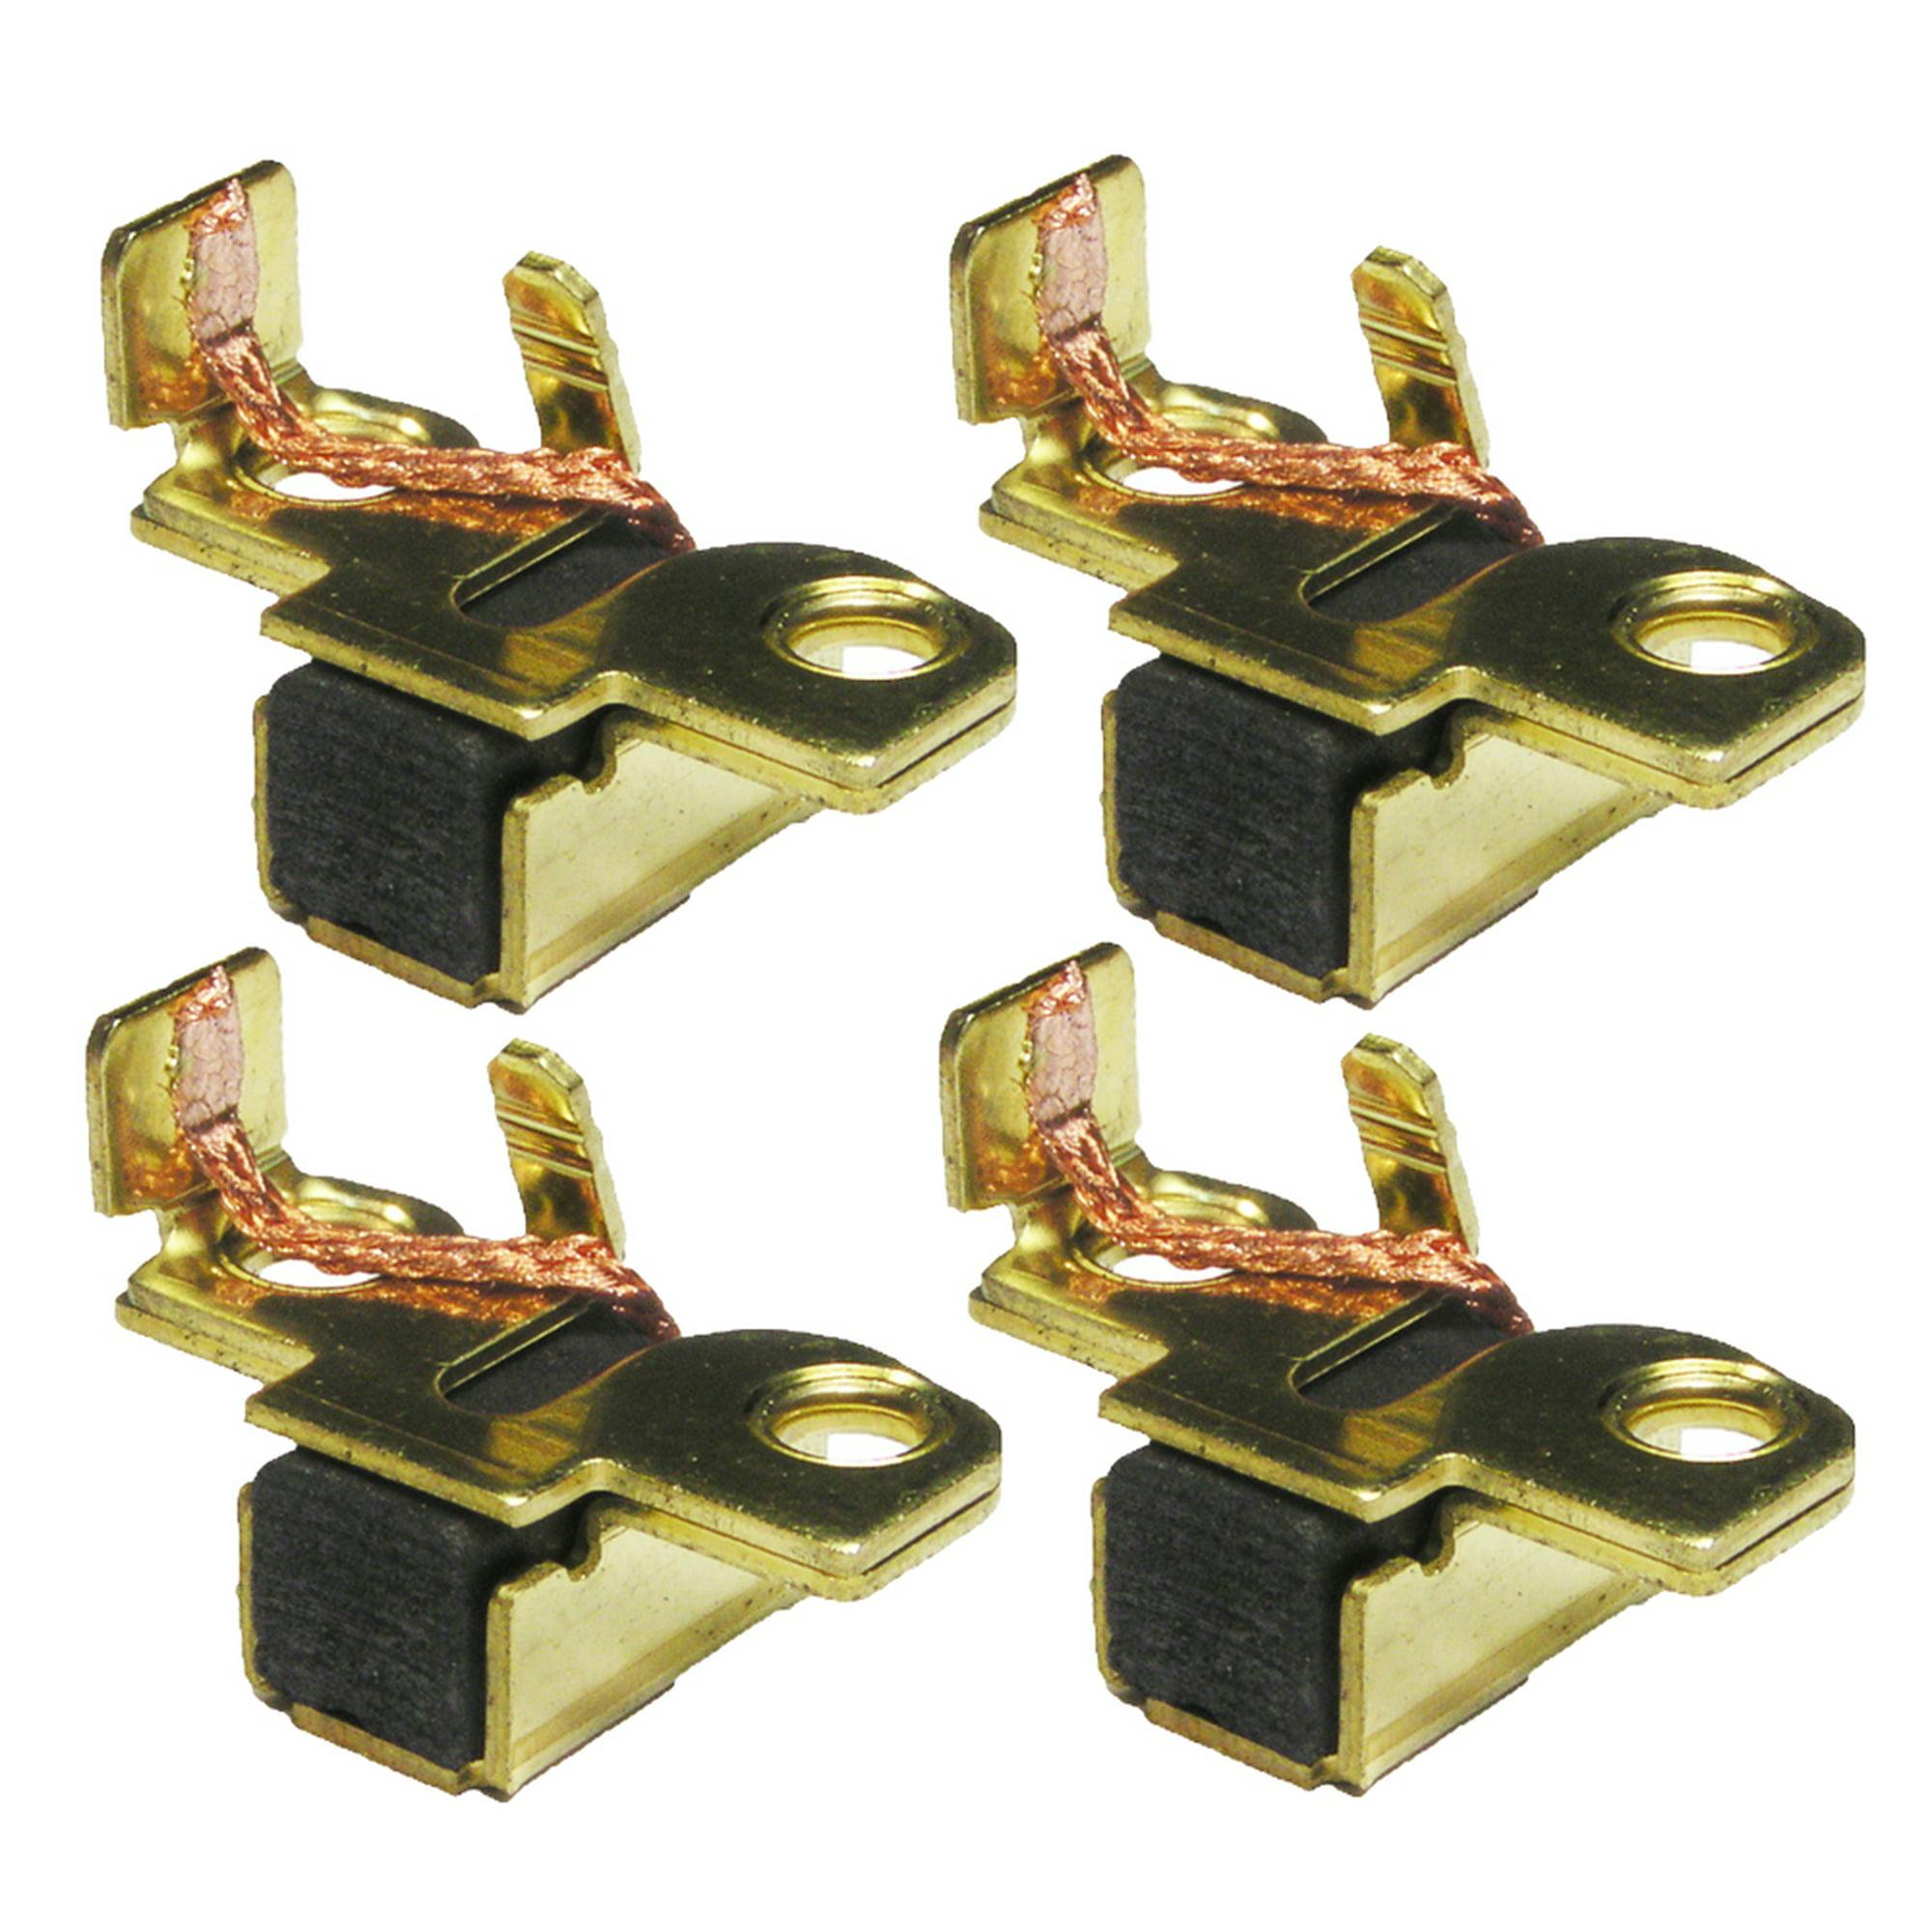 Nrpfell Kit de Abrazadera de Perforaci/óN de Posicionamiento de 1//2 Pulgadas Localizador de Orificios de Gu/íA de Perforaci/óN de Madera de Alta Resistencia para Herramientas de Carpinter/íA